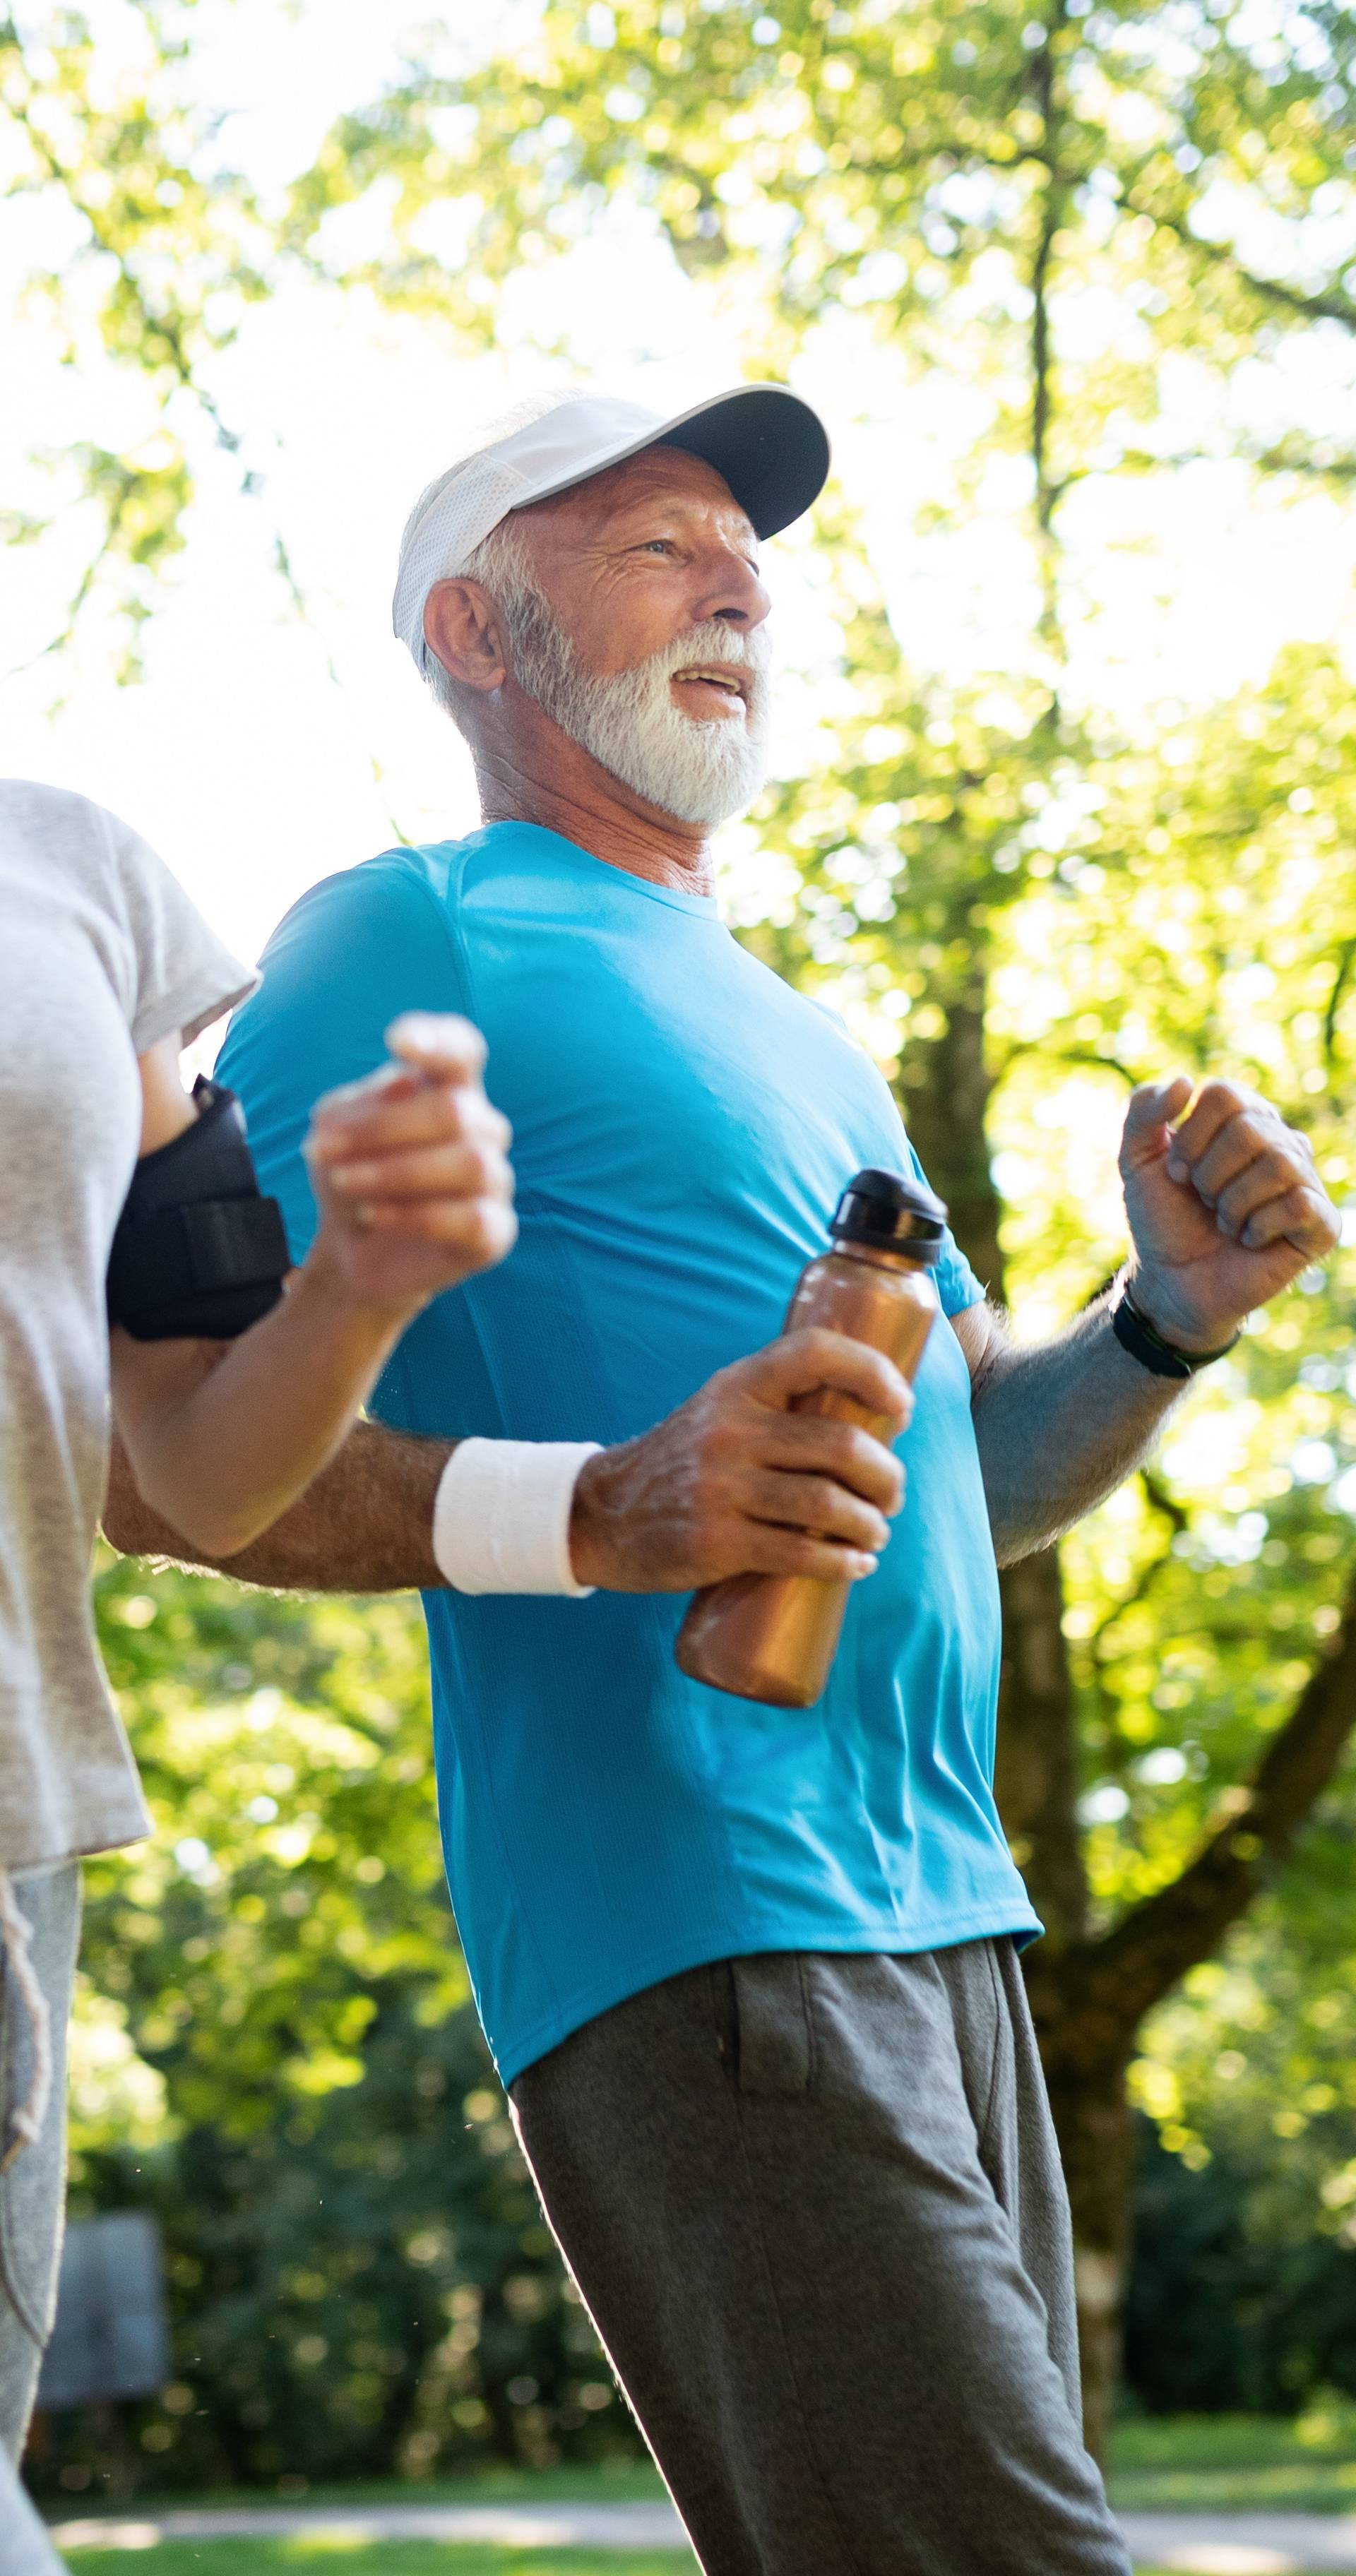 Preporuka liječnika: Pet setova vježbi za sve one starije od 50